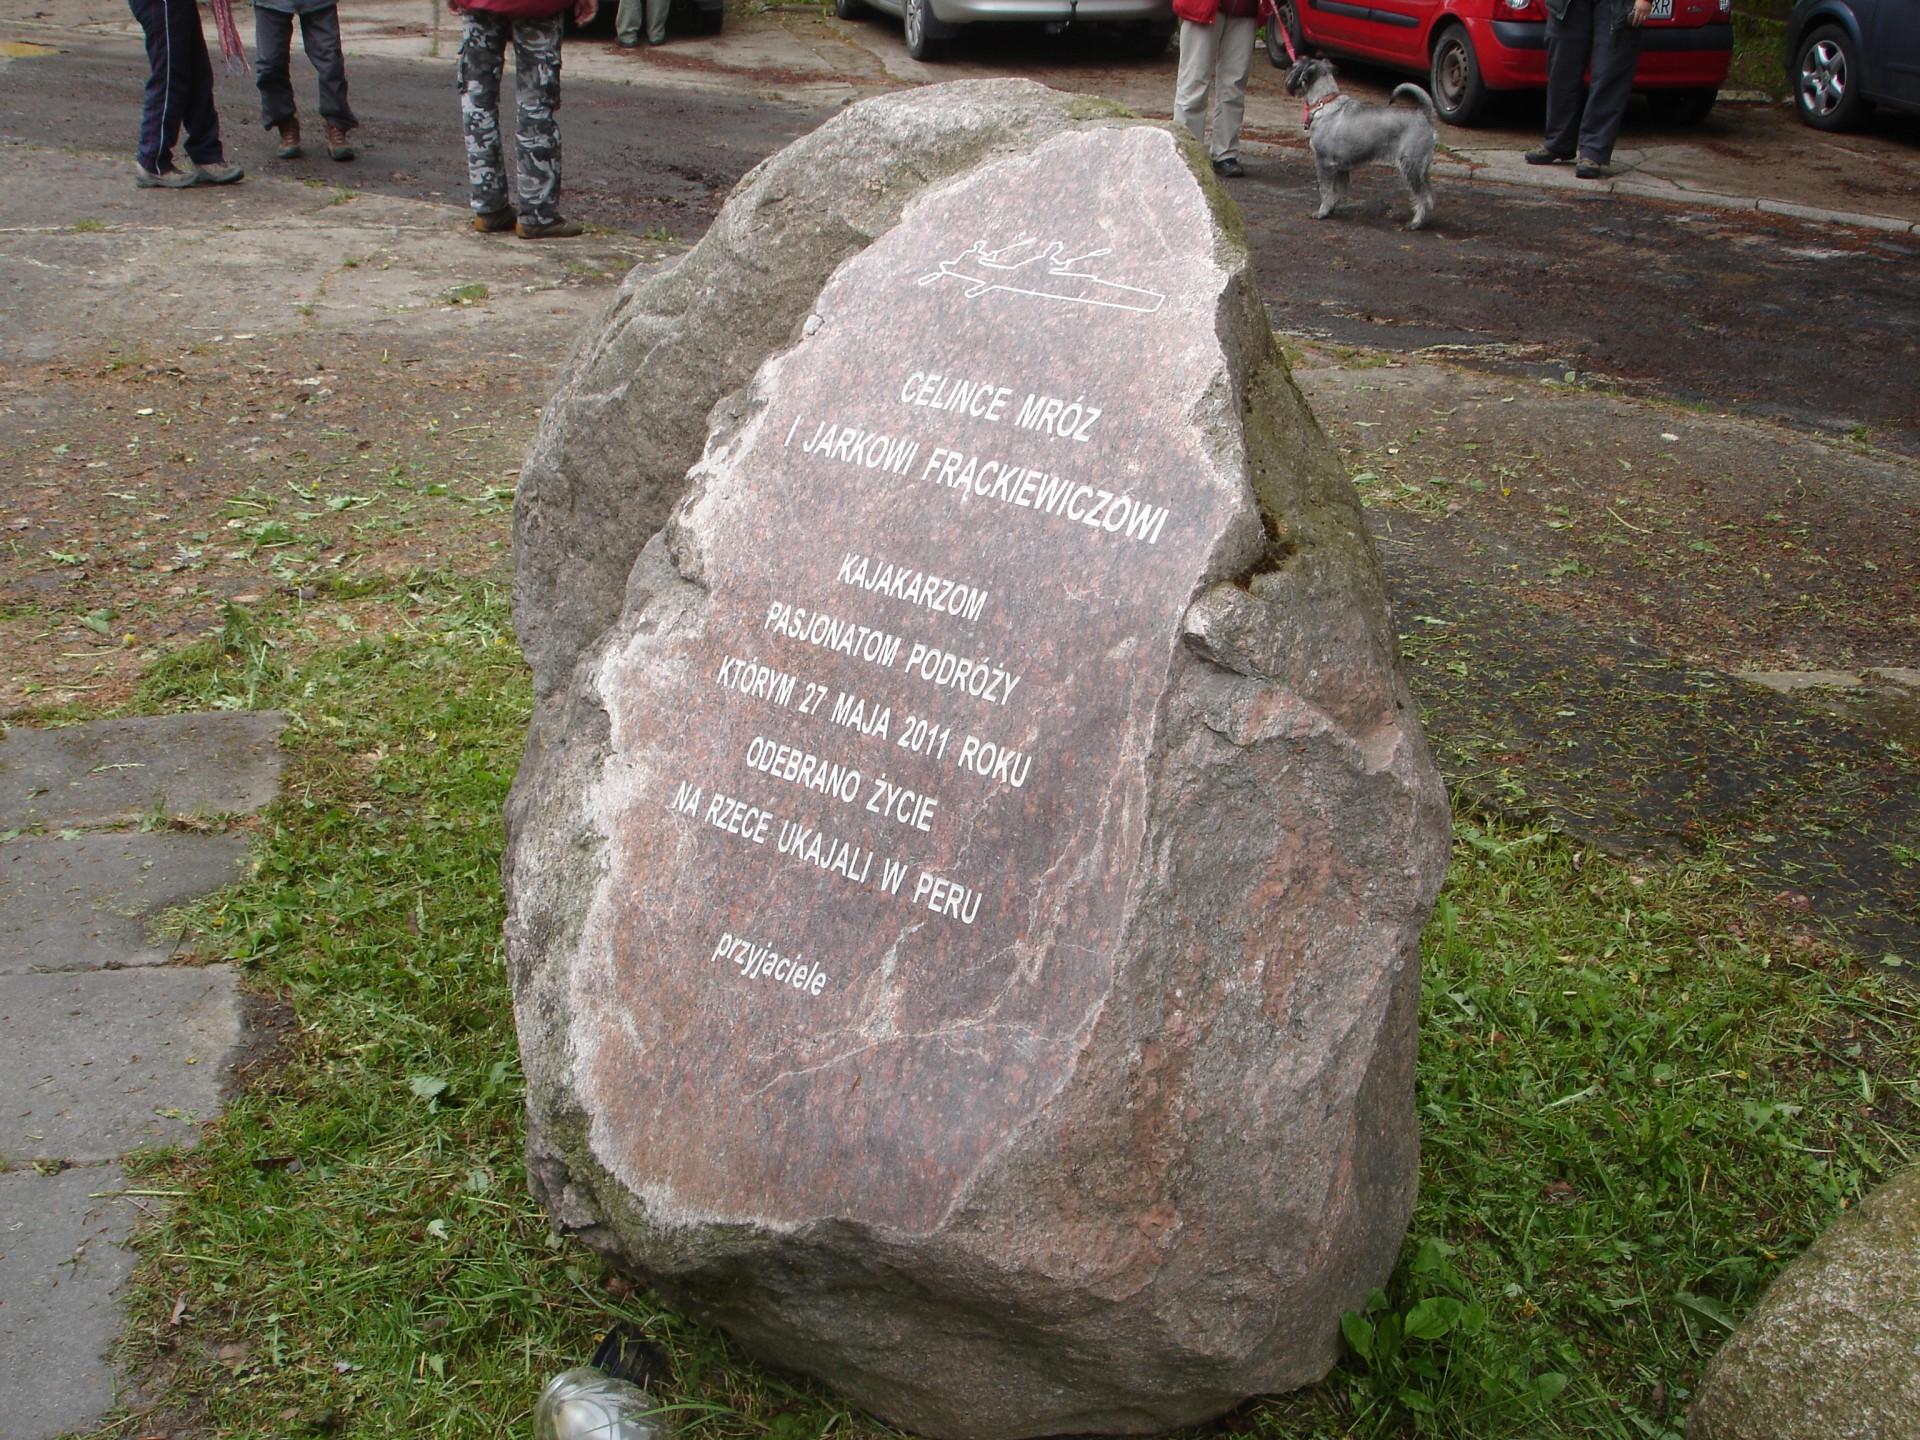 Kolano, kamień upamiętniający kajakarzy Celinę Mróz i Jarka Frąckiewicza Autor: Lucyna Szomburg